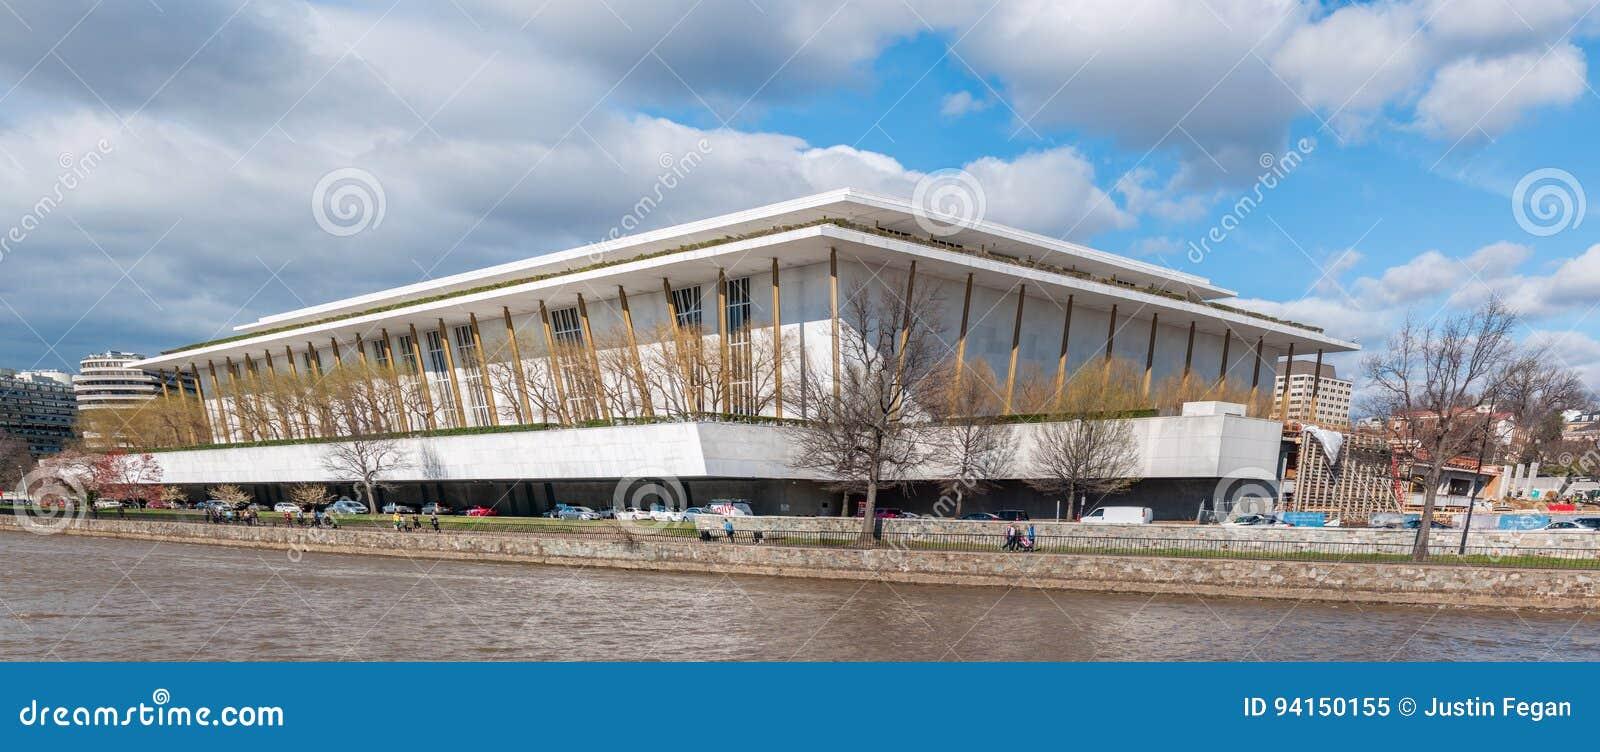 下油阴暗精炼厂天空 表演艺术肯尼迪中心在华盛顿D C